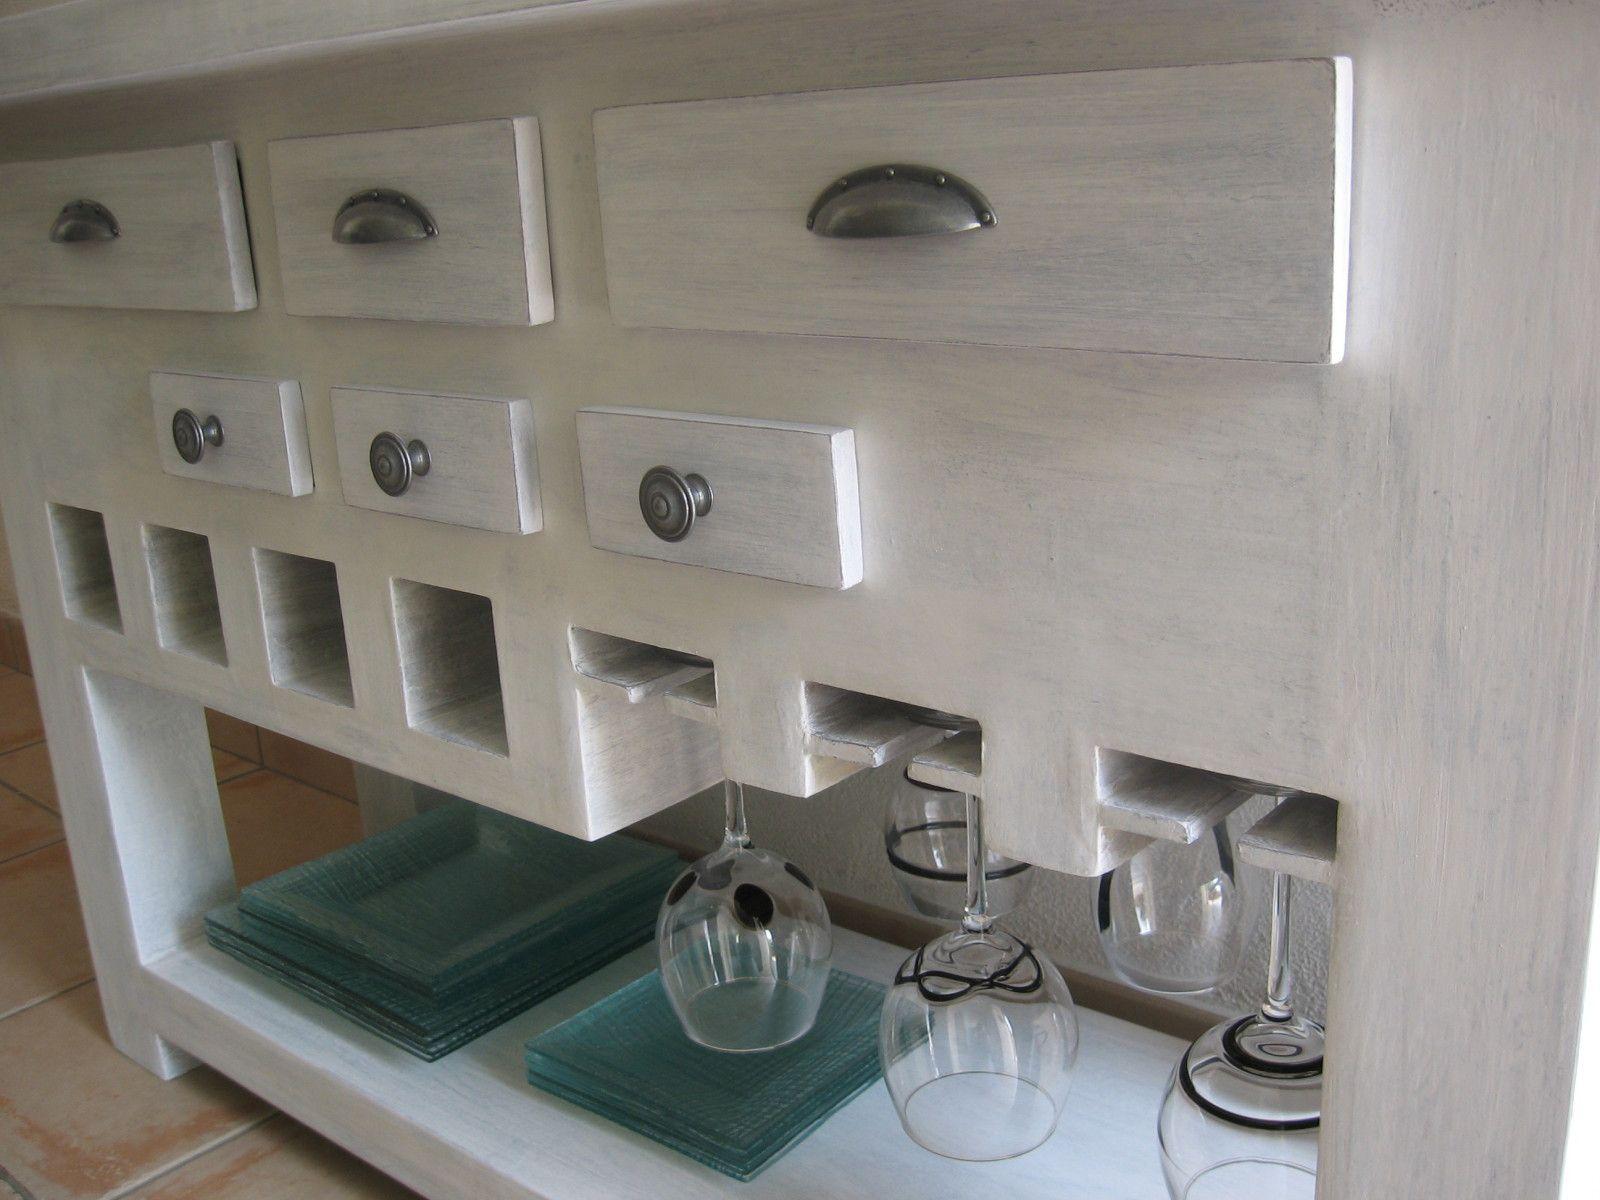 table console de cuisine termin e meubles en carton marie krtonne. Black Bedroom Furniture Sets. Home Design Ideas